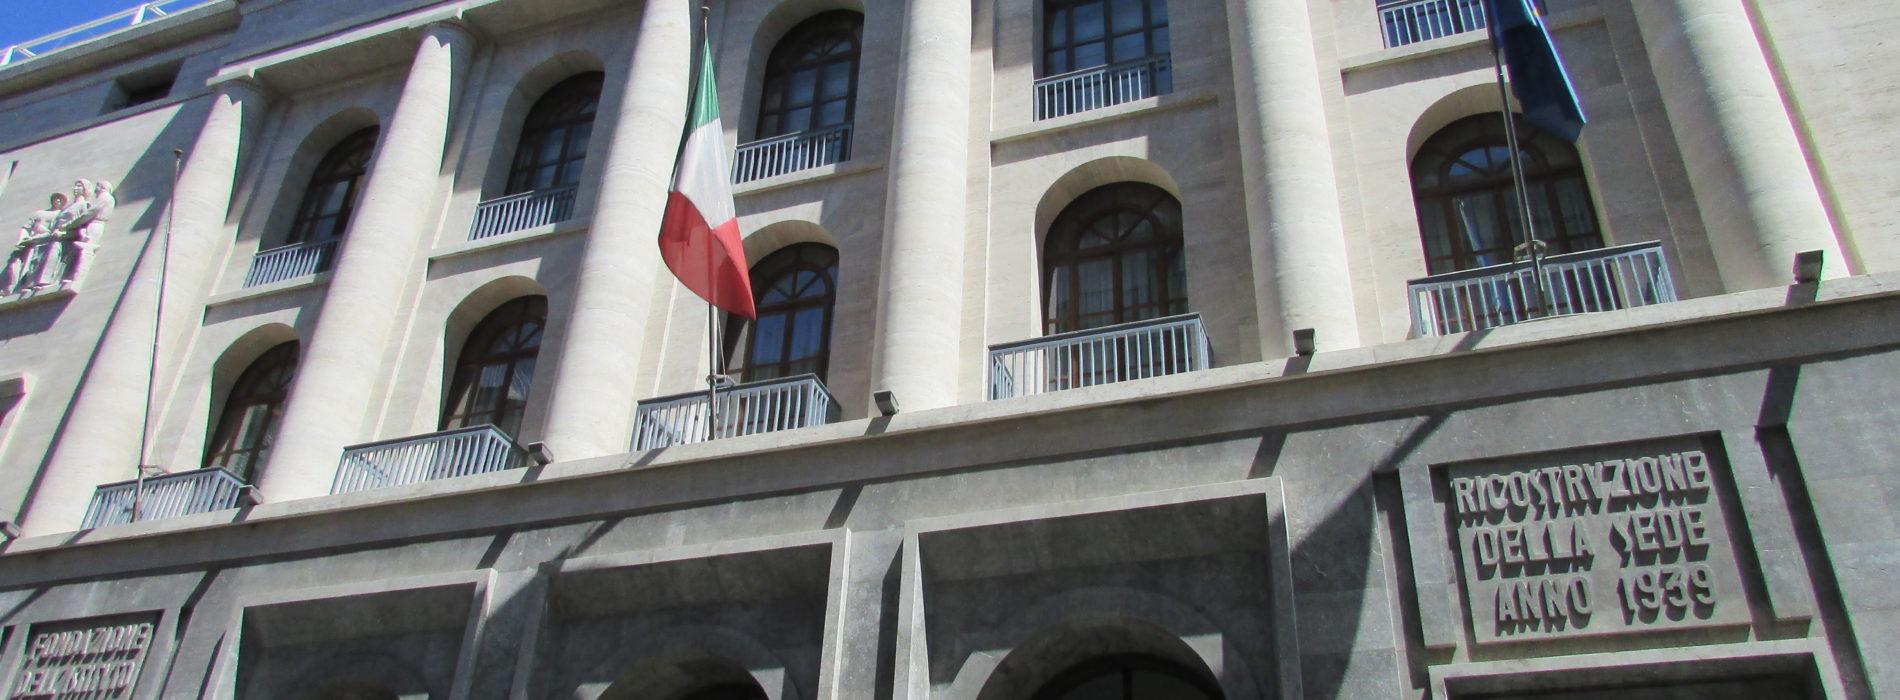 Il Banco di Napoli: le origini di una delle banche storiche d'Italia